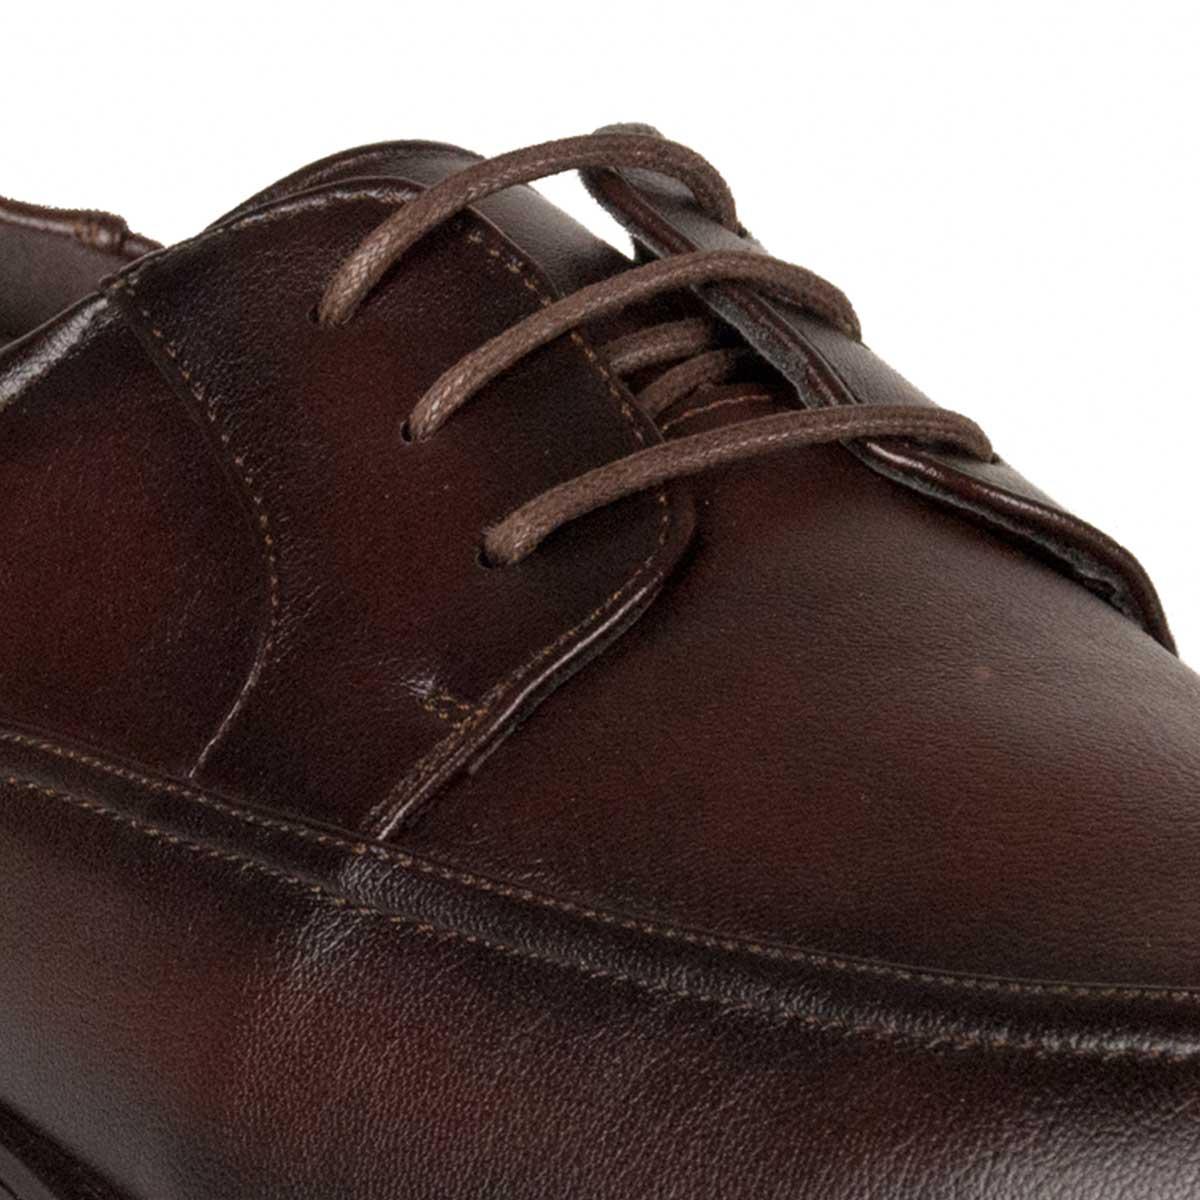 Zapato Oxford hombre - marrón